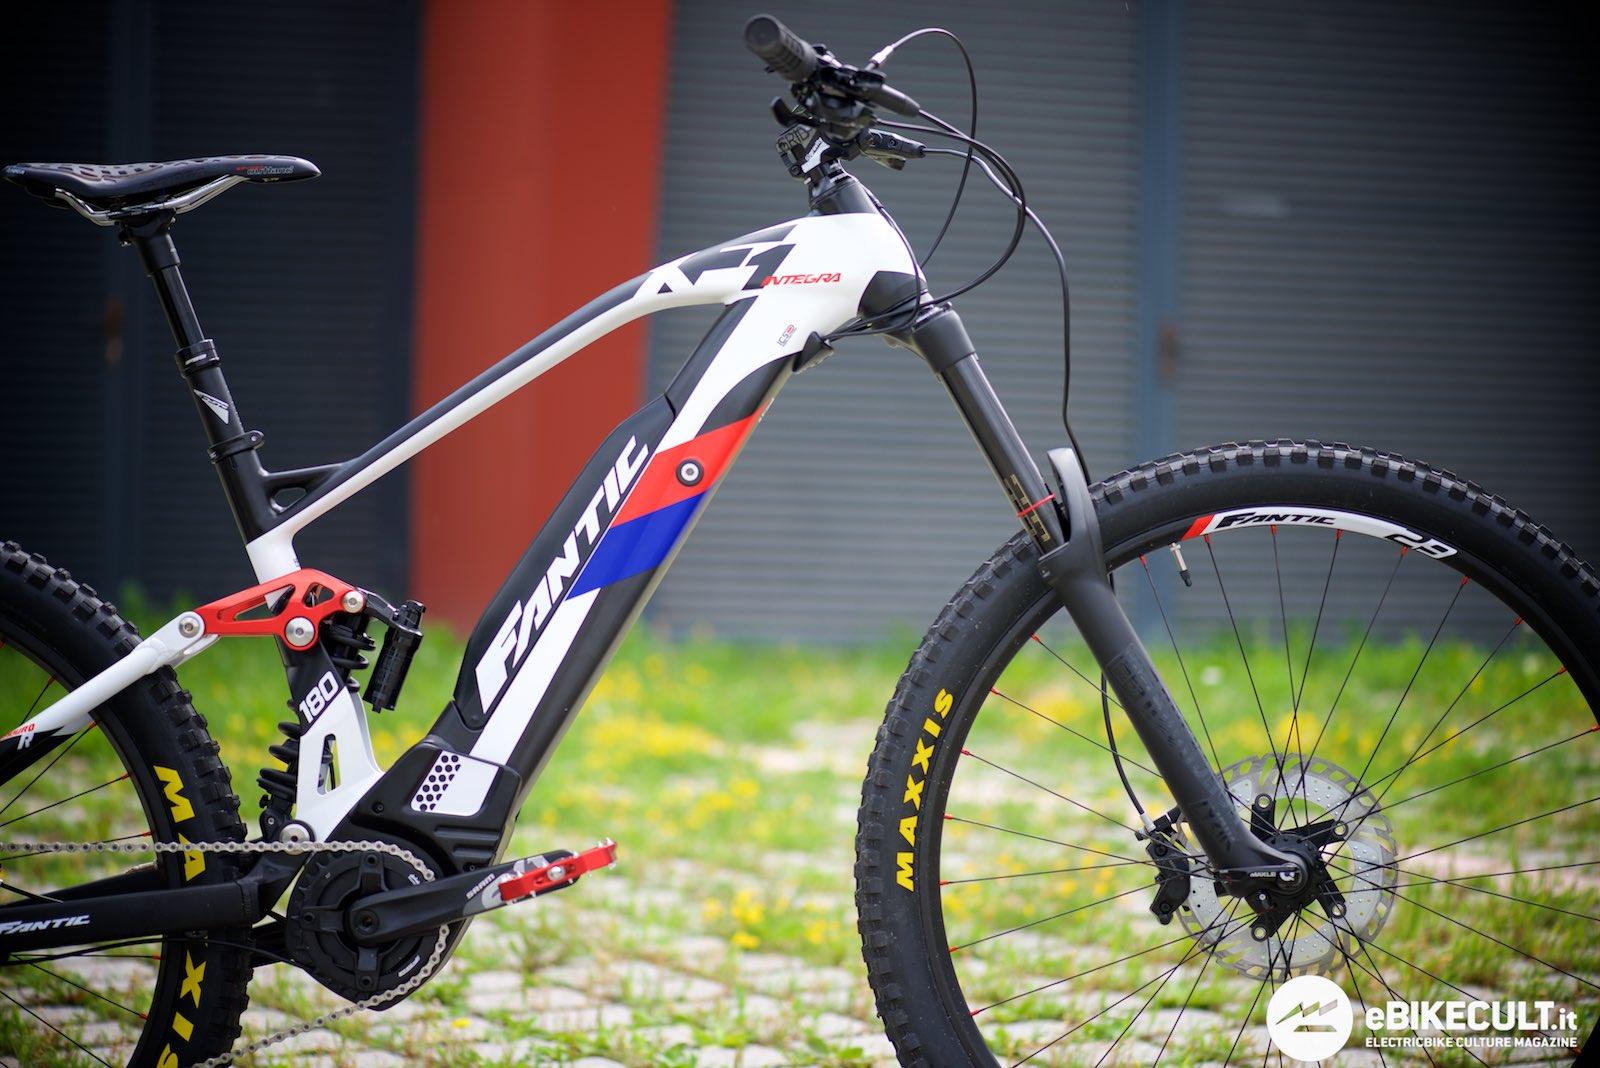 Fantic Xf1 Integra Enduro Race. Dove usare questa bici  180 mm di corsa  sono tanti e la presenza di motore e batteria permette a questa tipologia  di bici ... ca2dd897d